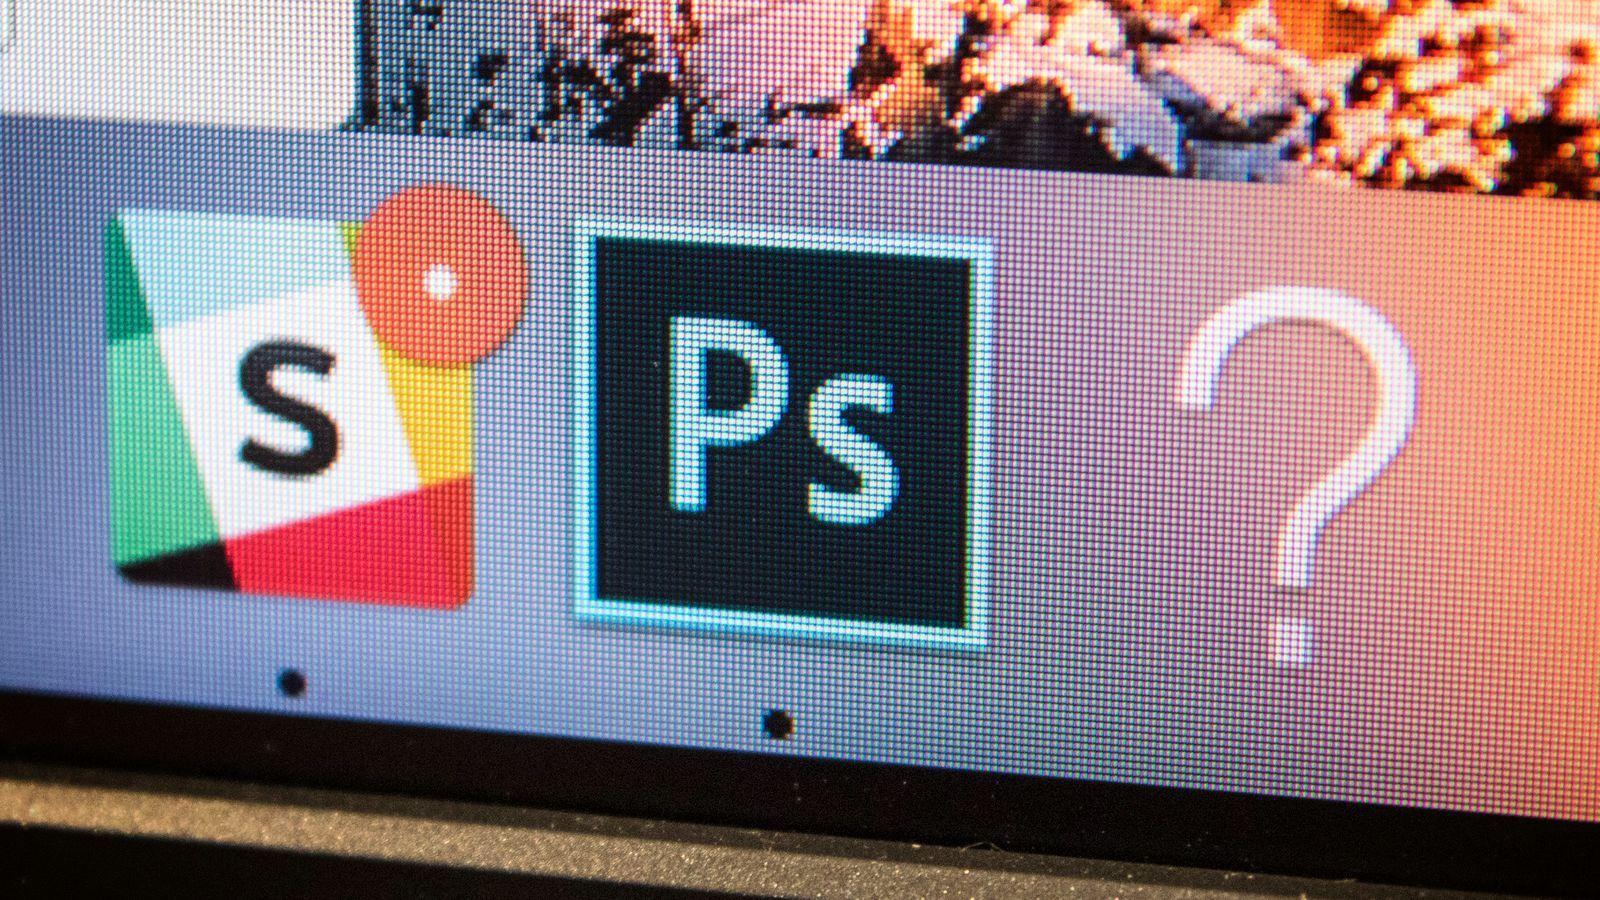 Nå skal Photoshop kunne merke manipulerte bilder